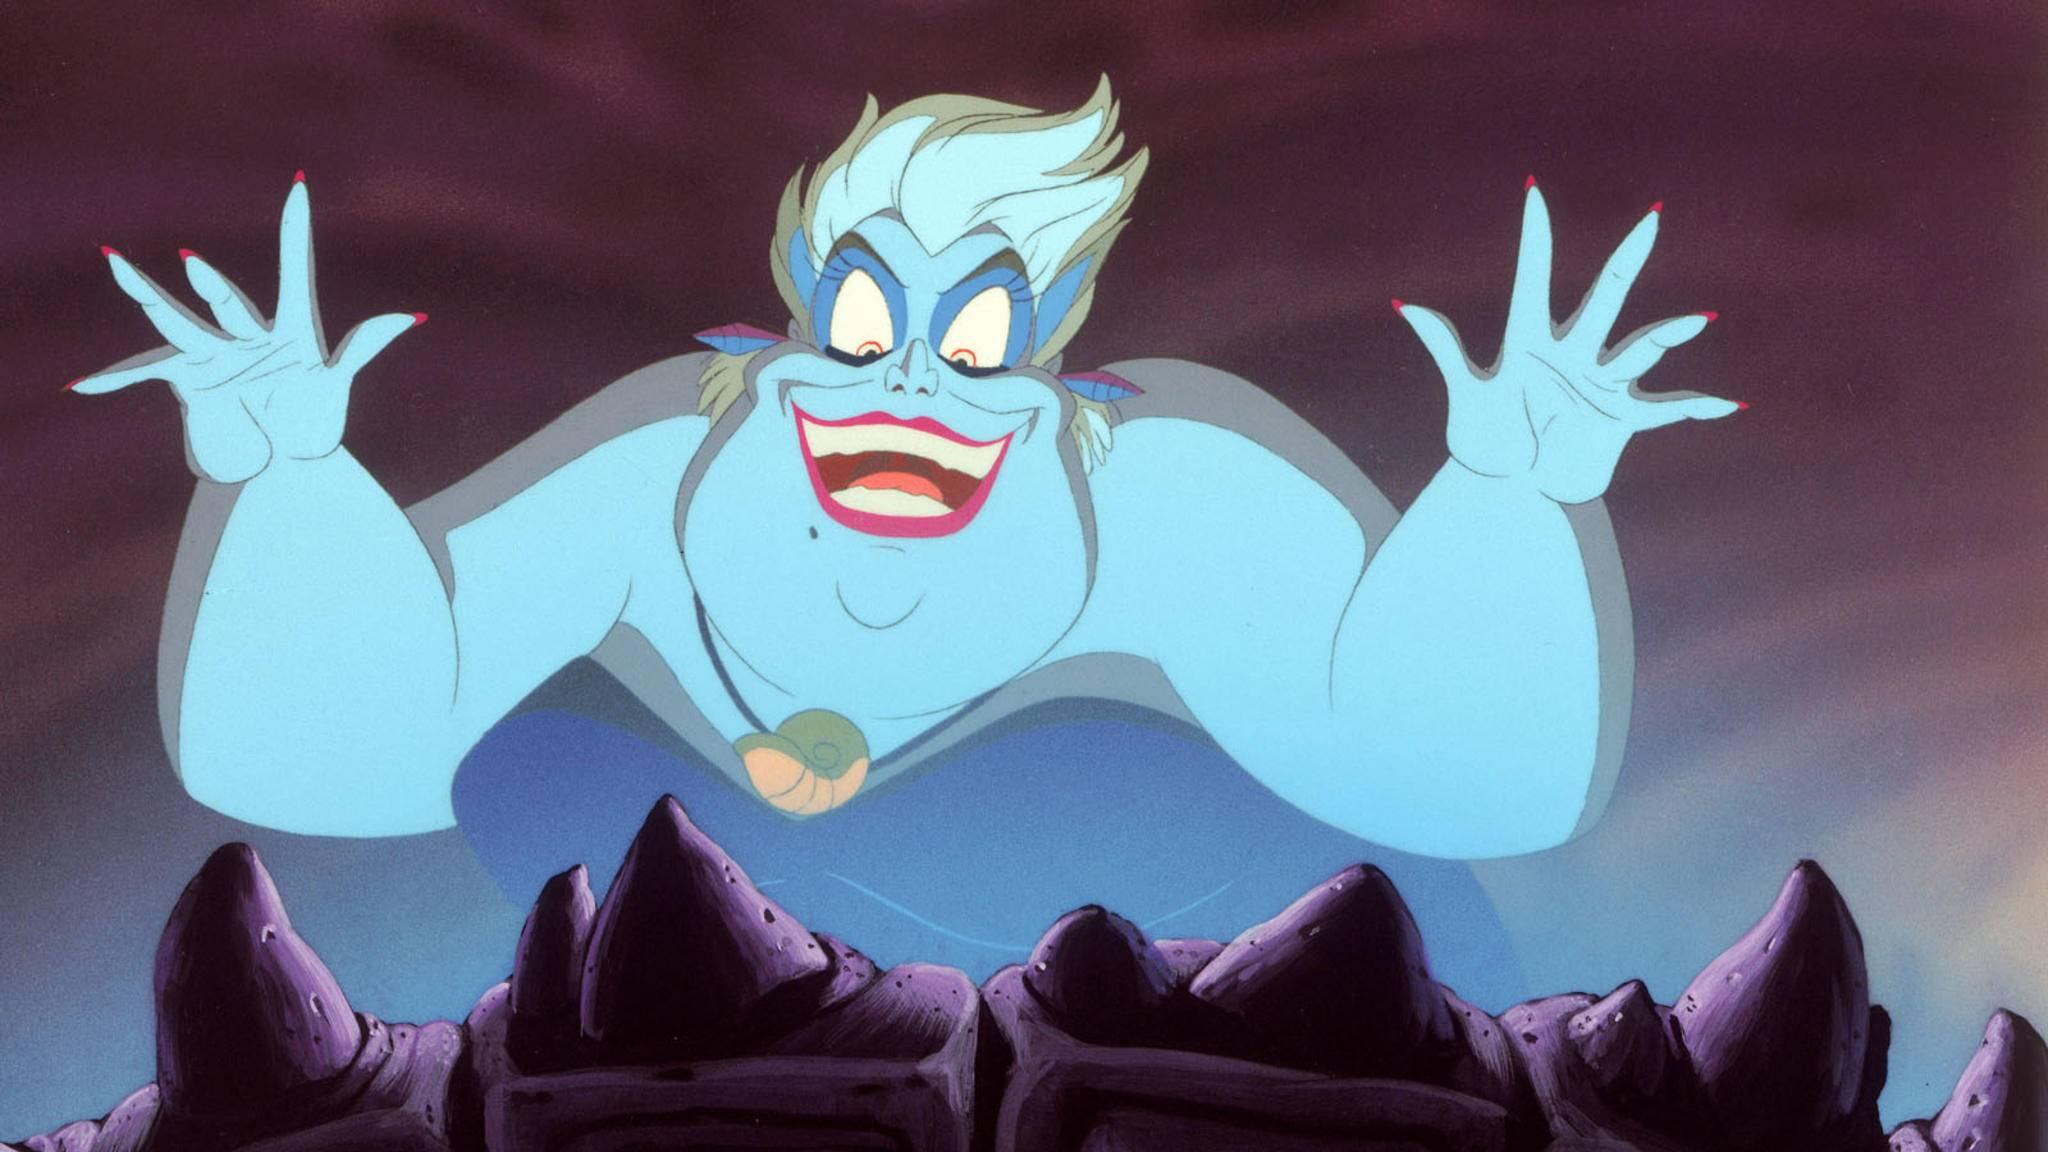 Ursula macht der kleinen Meerjungfrau Arielle das Leben schwer.